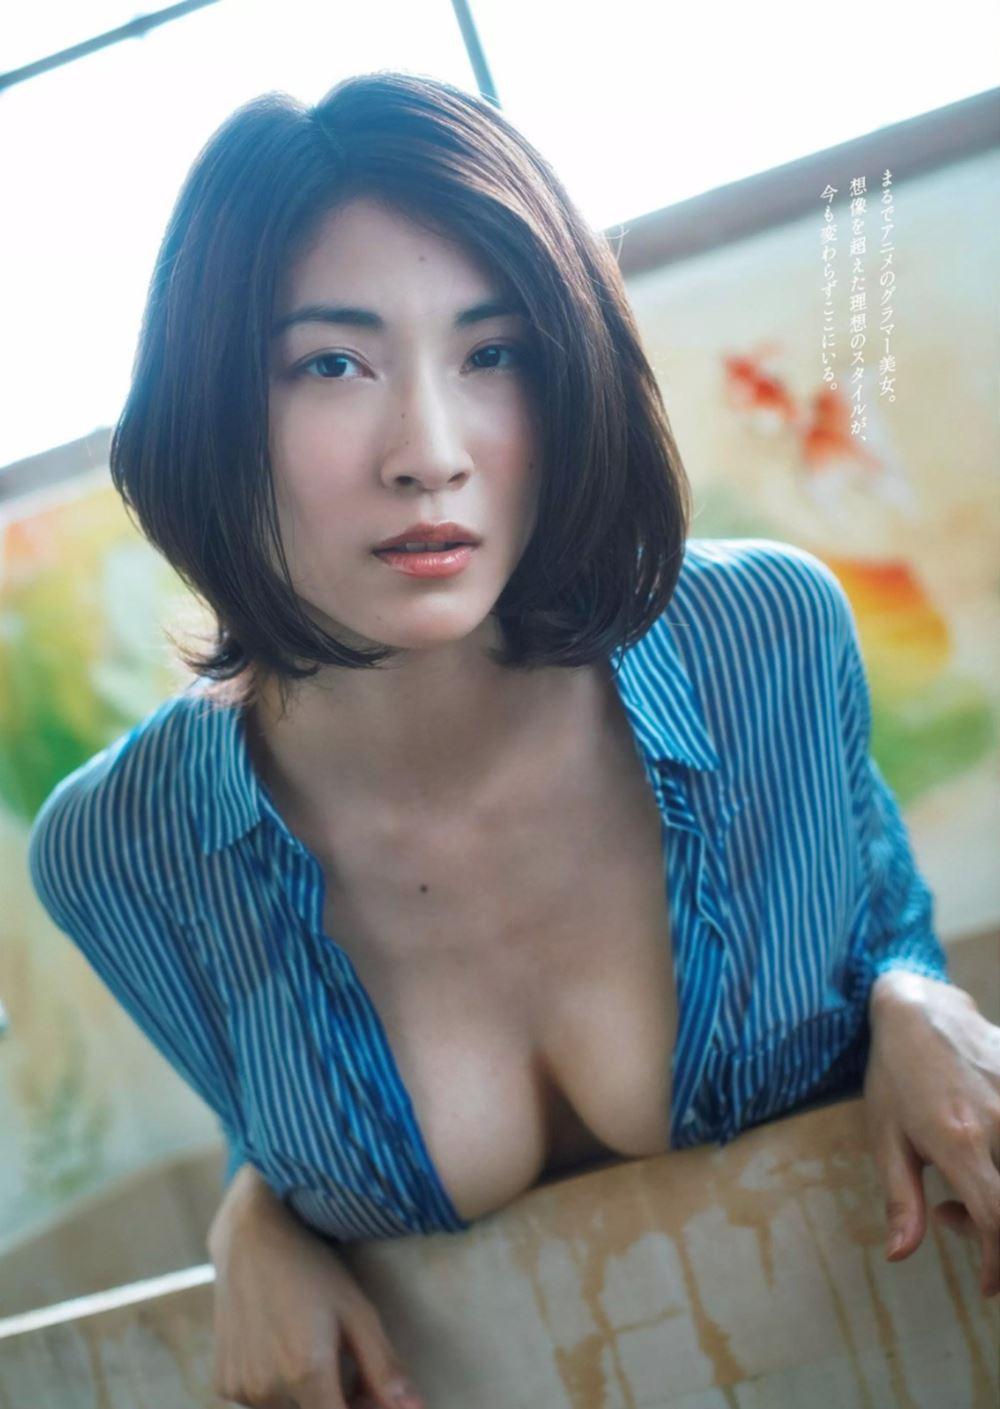 リアル峰不二子 護あさな セクシー 水着 エロ画像 92